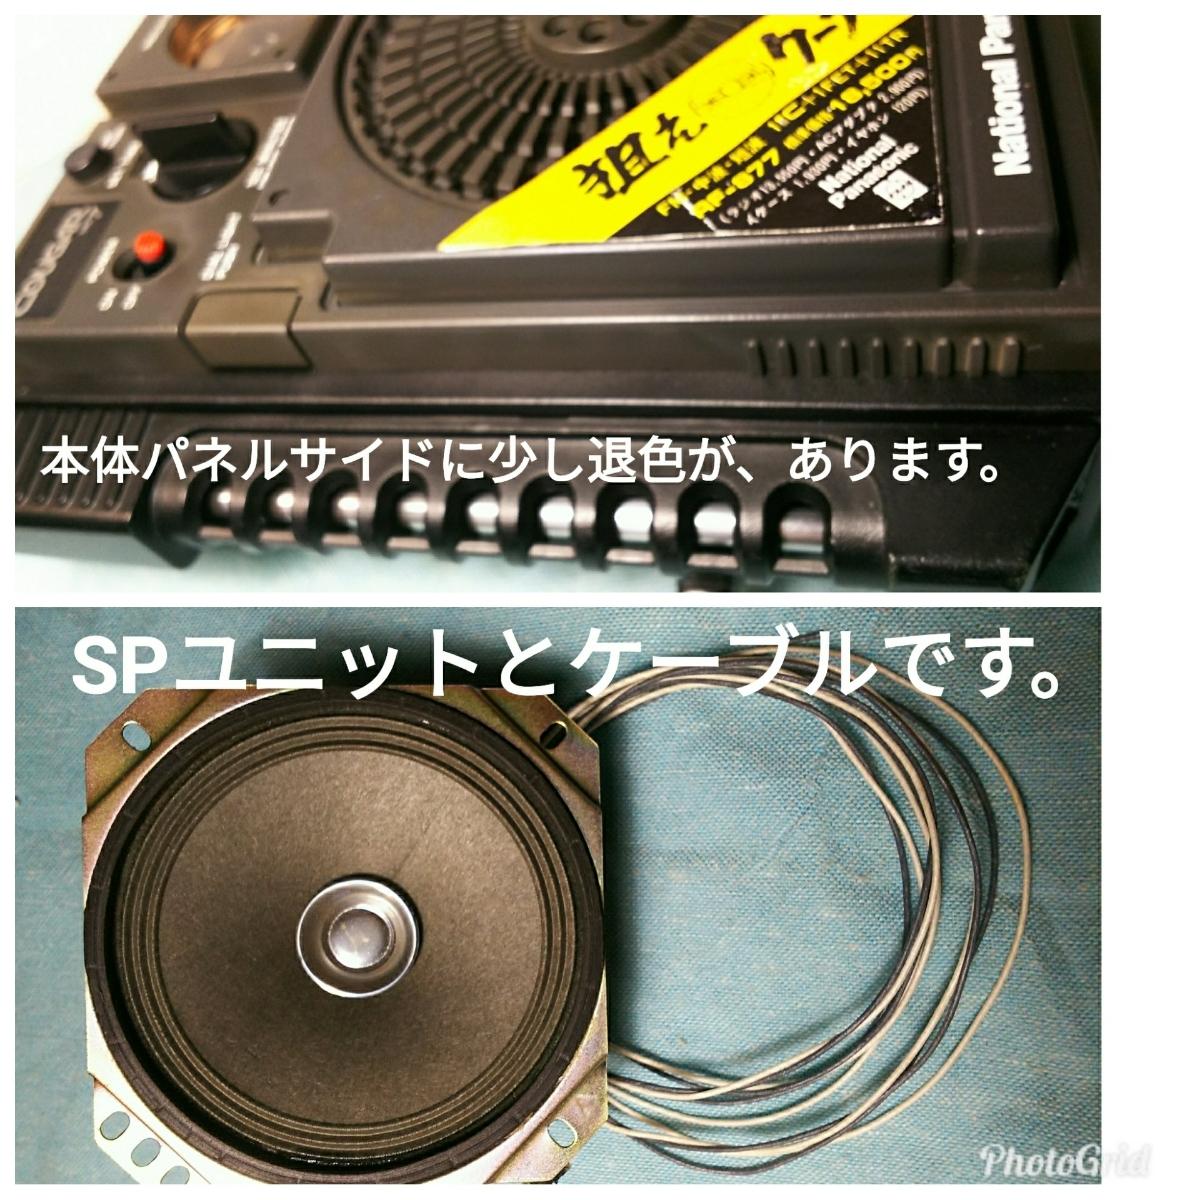 ☆美品☆ 整備調整品 National Panasonic RF‐877 クーガNo7 メモリーライト機能 単二変換スペーサー対応 高感度  完動品_画像10